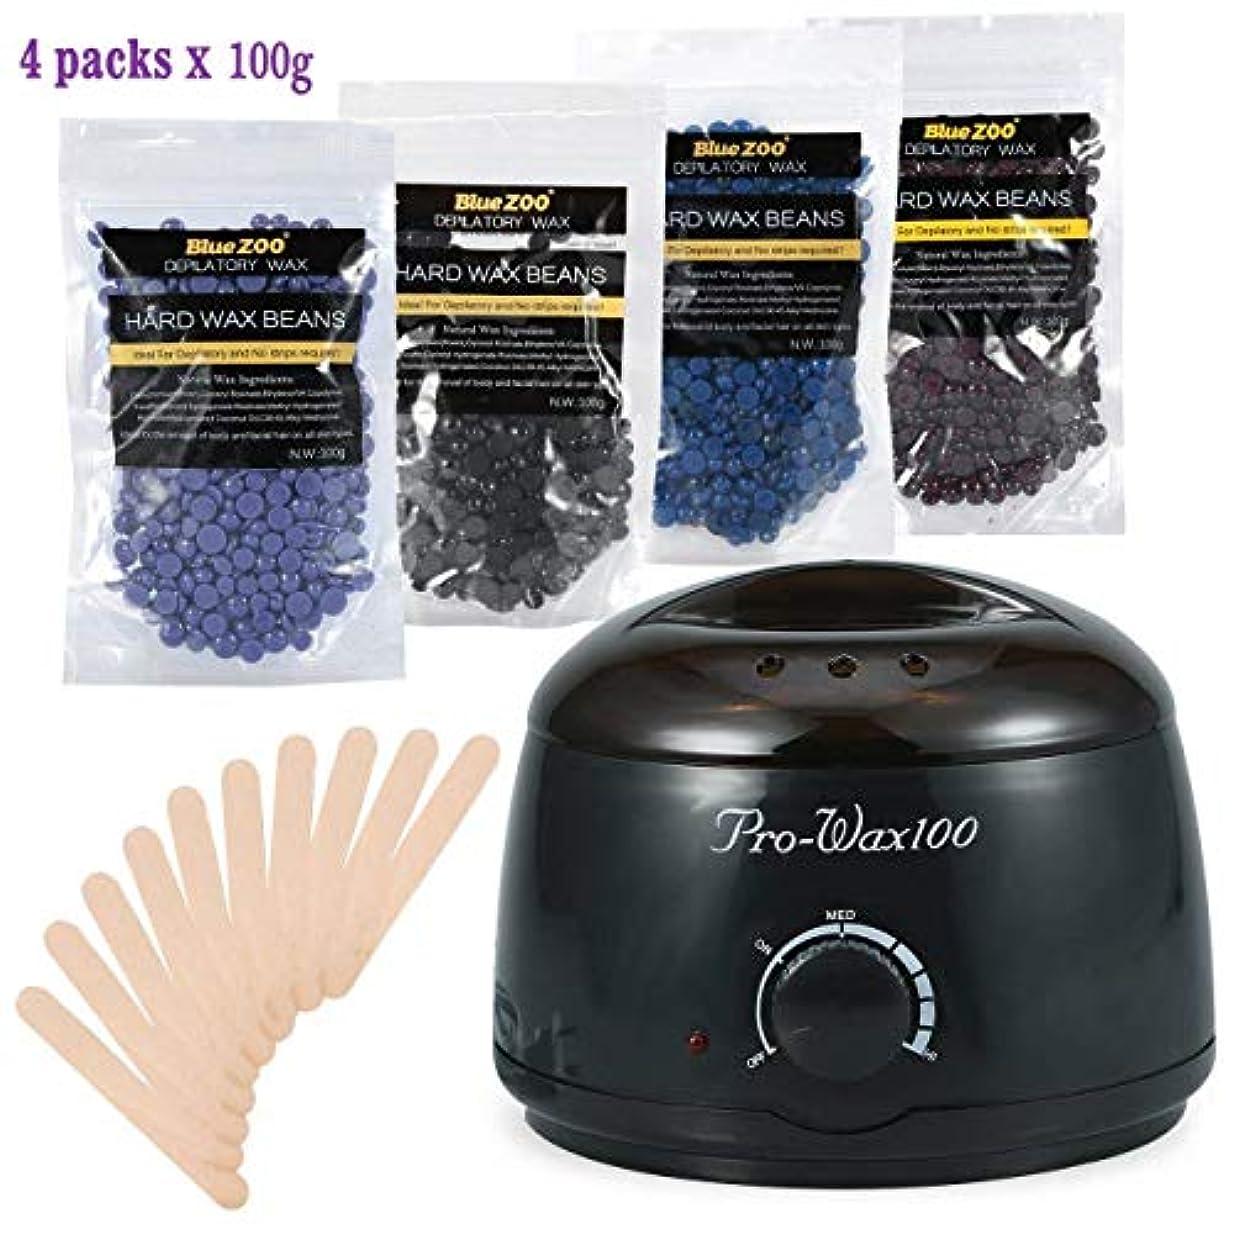 シェル静けさ騙すボディービキニ脱毛?ワックスセット、500ml電気ワックスヒーター(ブラック)4種類のハードワックス豆と木製シャベル10種類、ワックス豆100g (1)